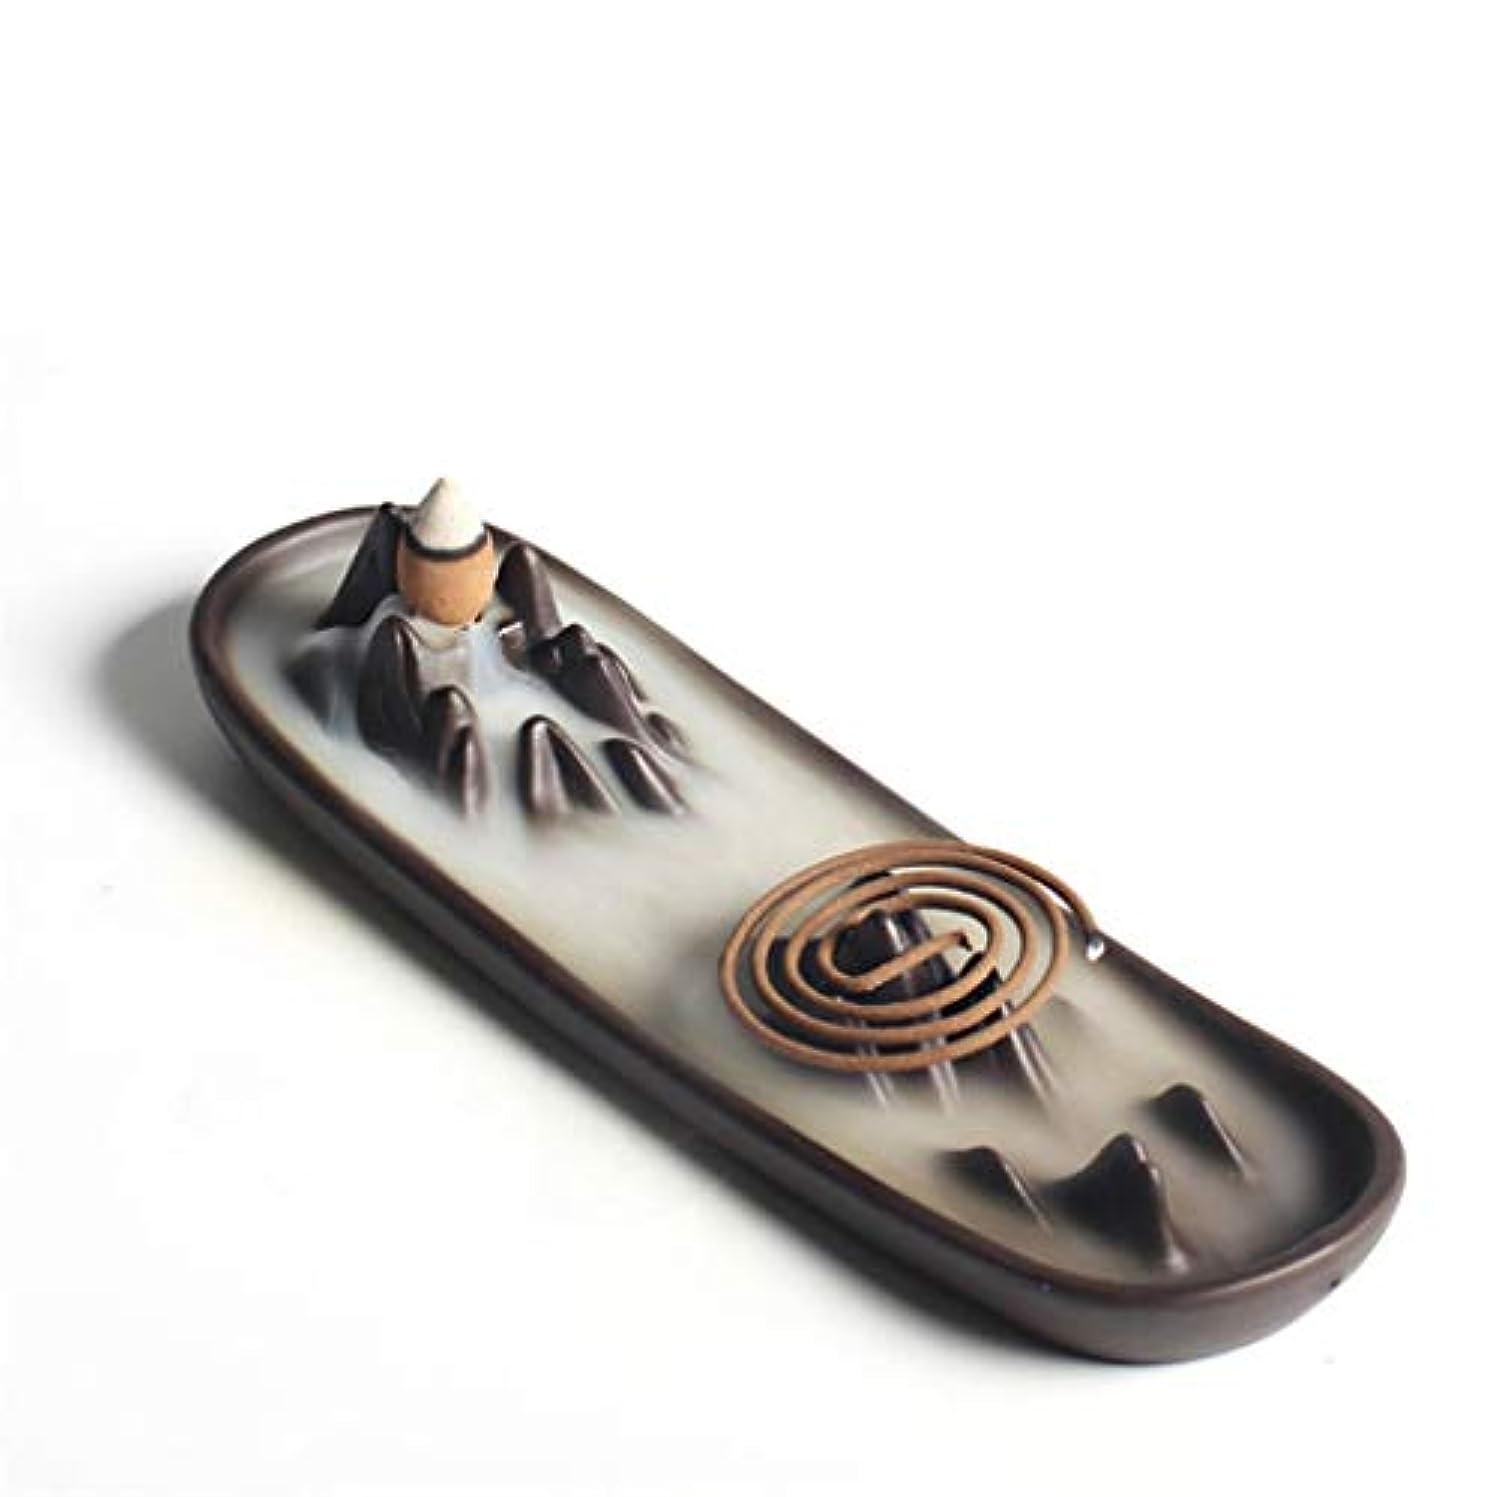 私の緩める赤芳香器?アロマバーナー 逆流香バーナー家の装飾セラミックアロマセラピー仏教の滝香炉香コイルスティックホルダー アロマバーナー芳香器 (Color : A)